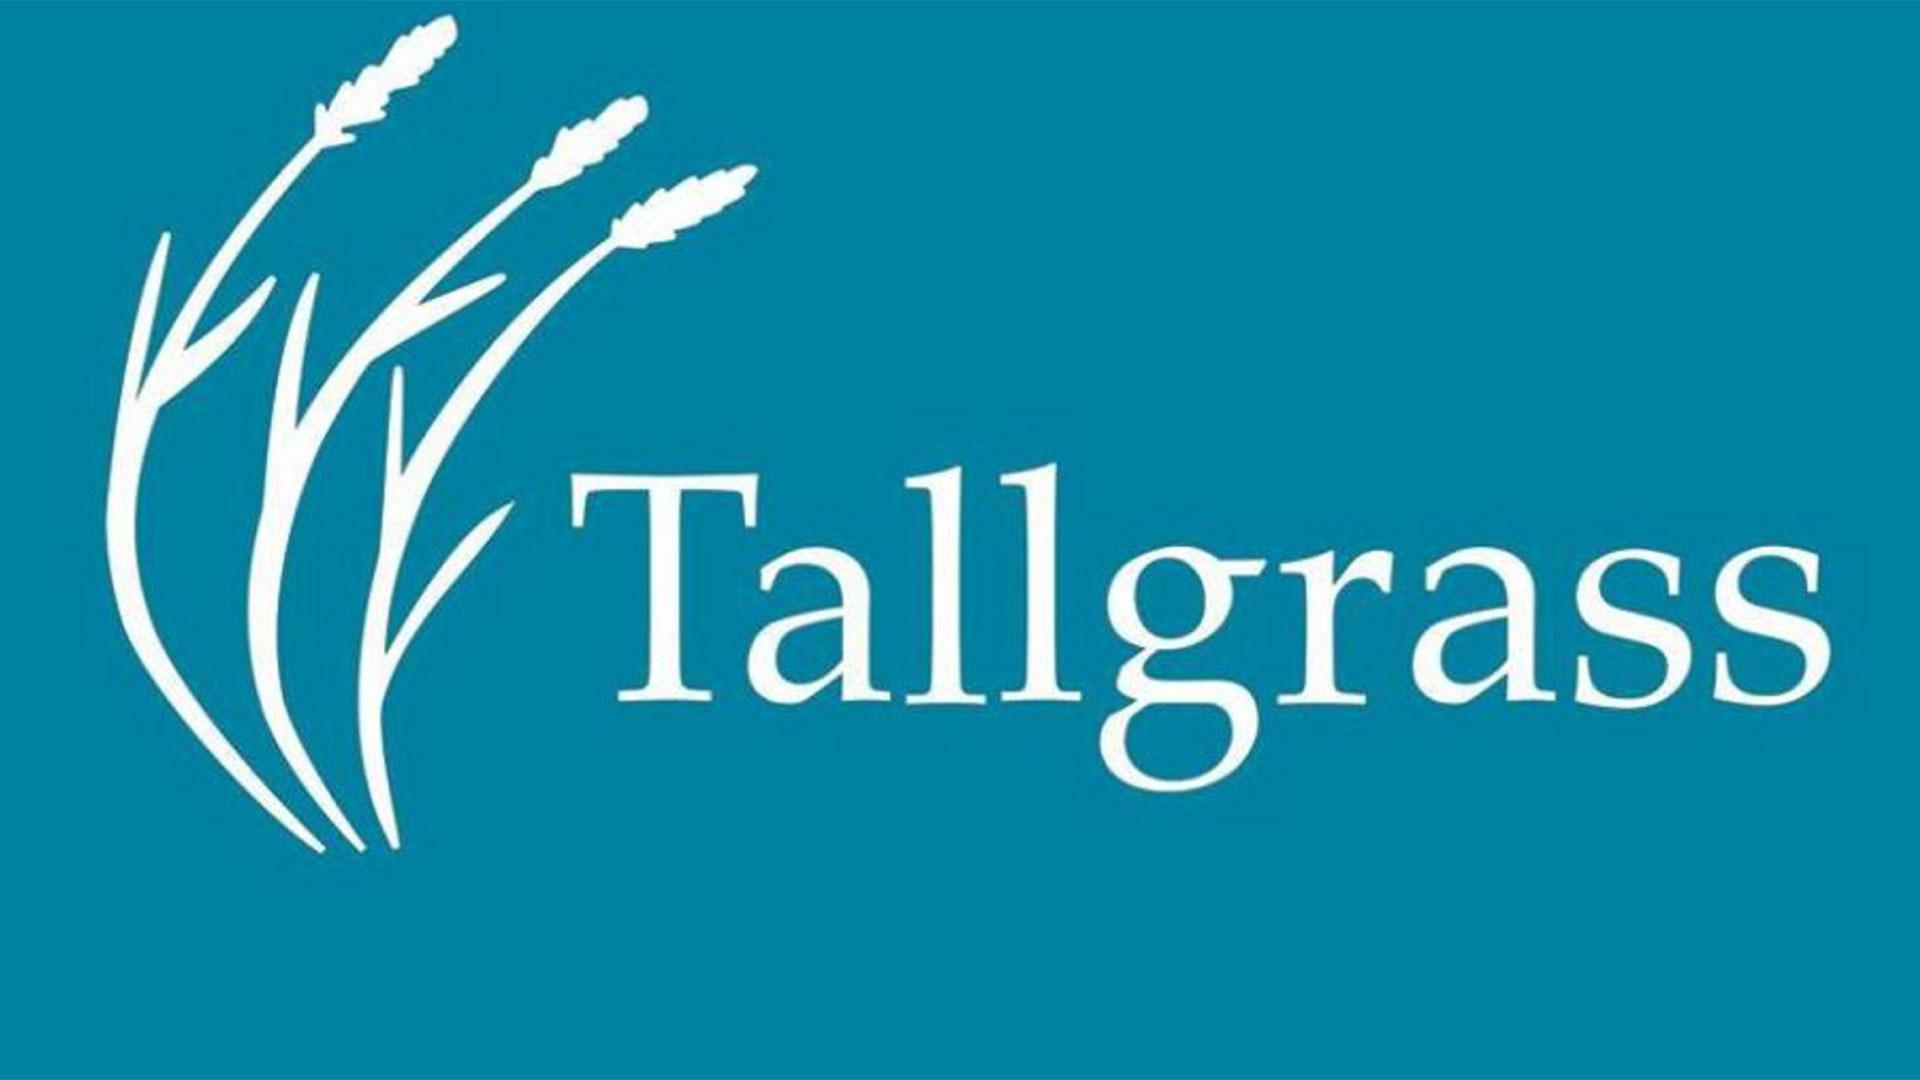 KELO Tallgrass recovery logo